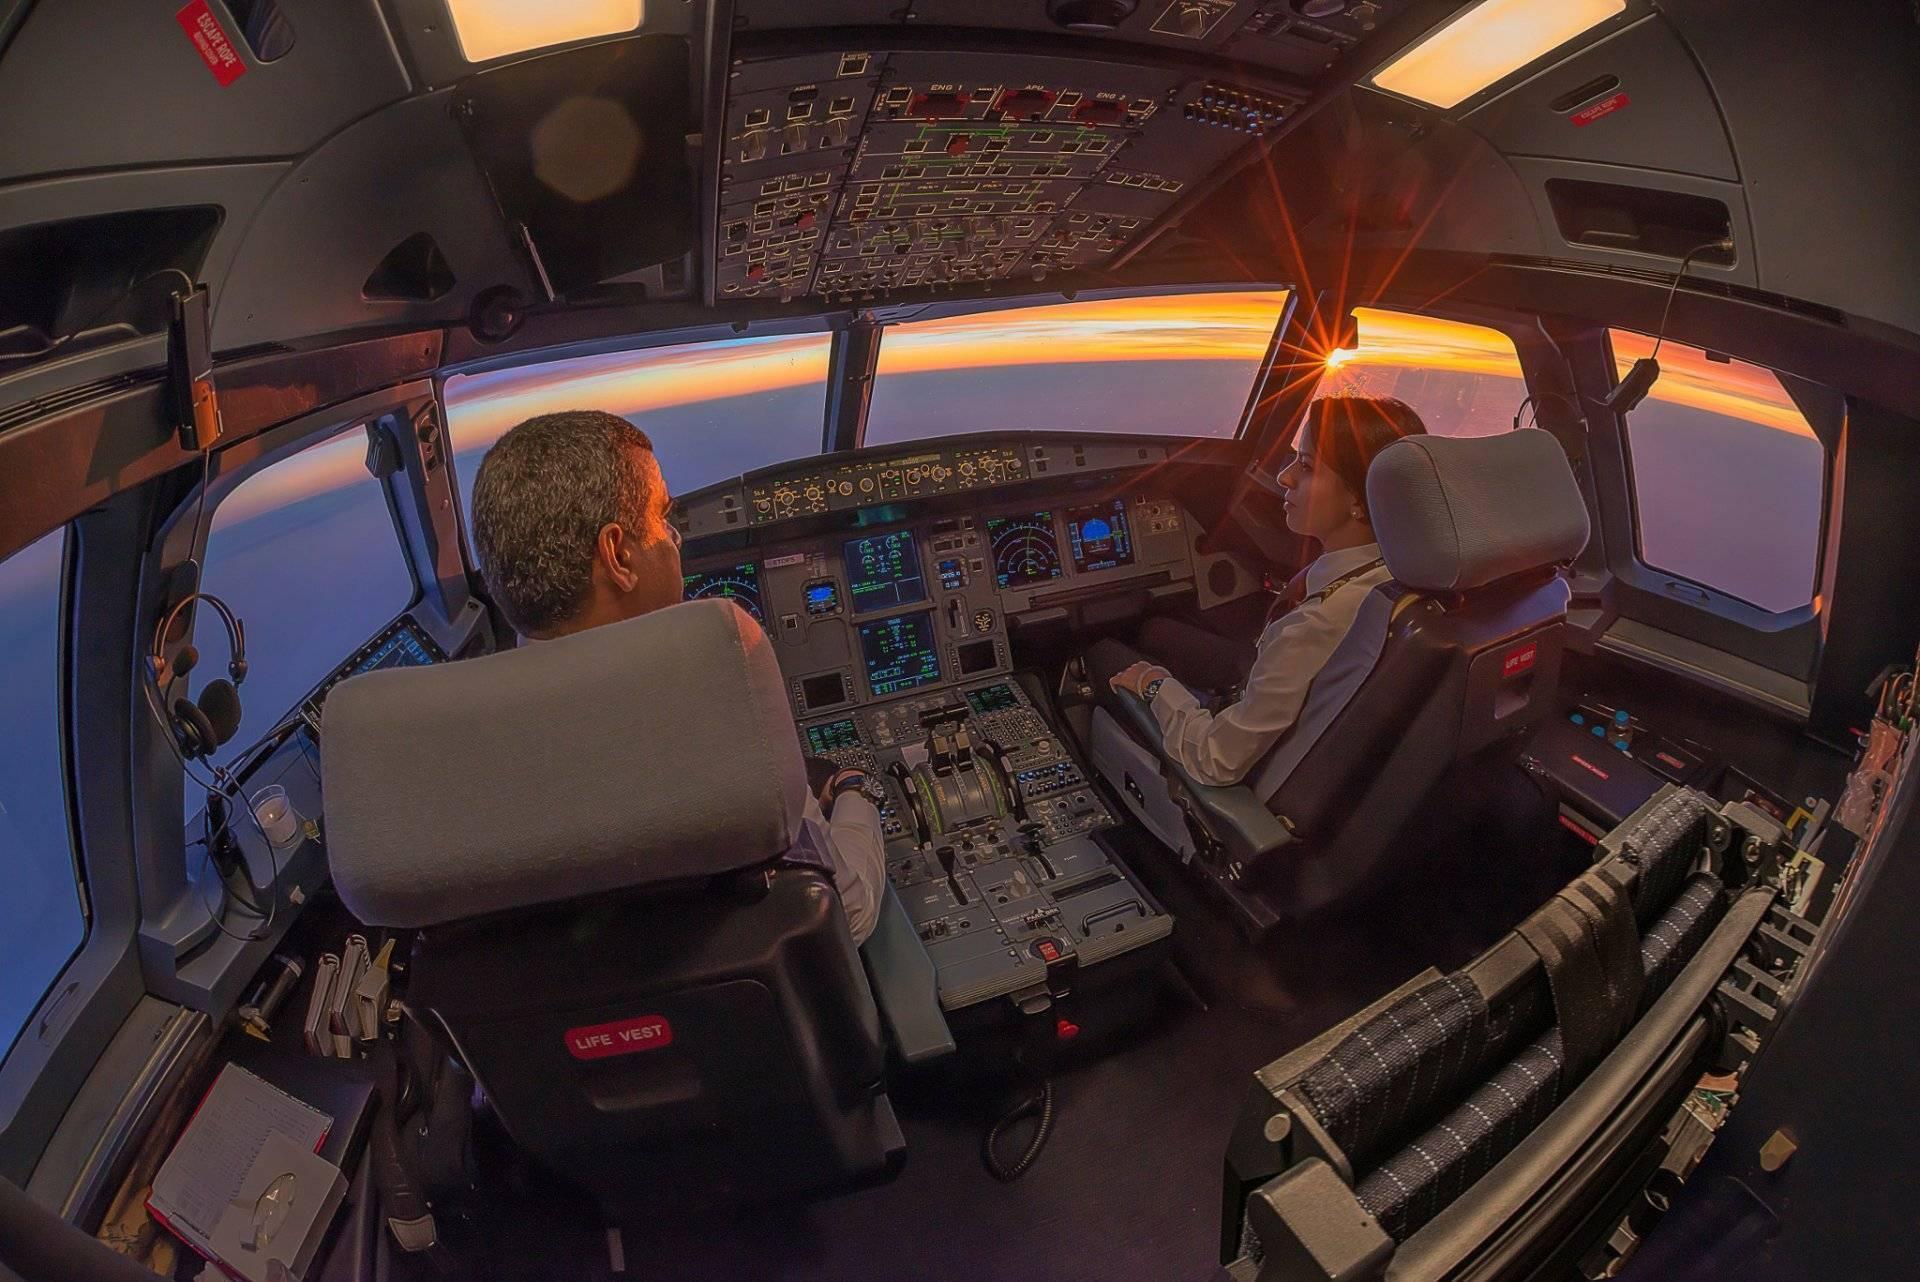 Пассажирский самолет ту-154. досье